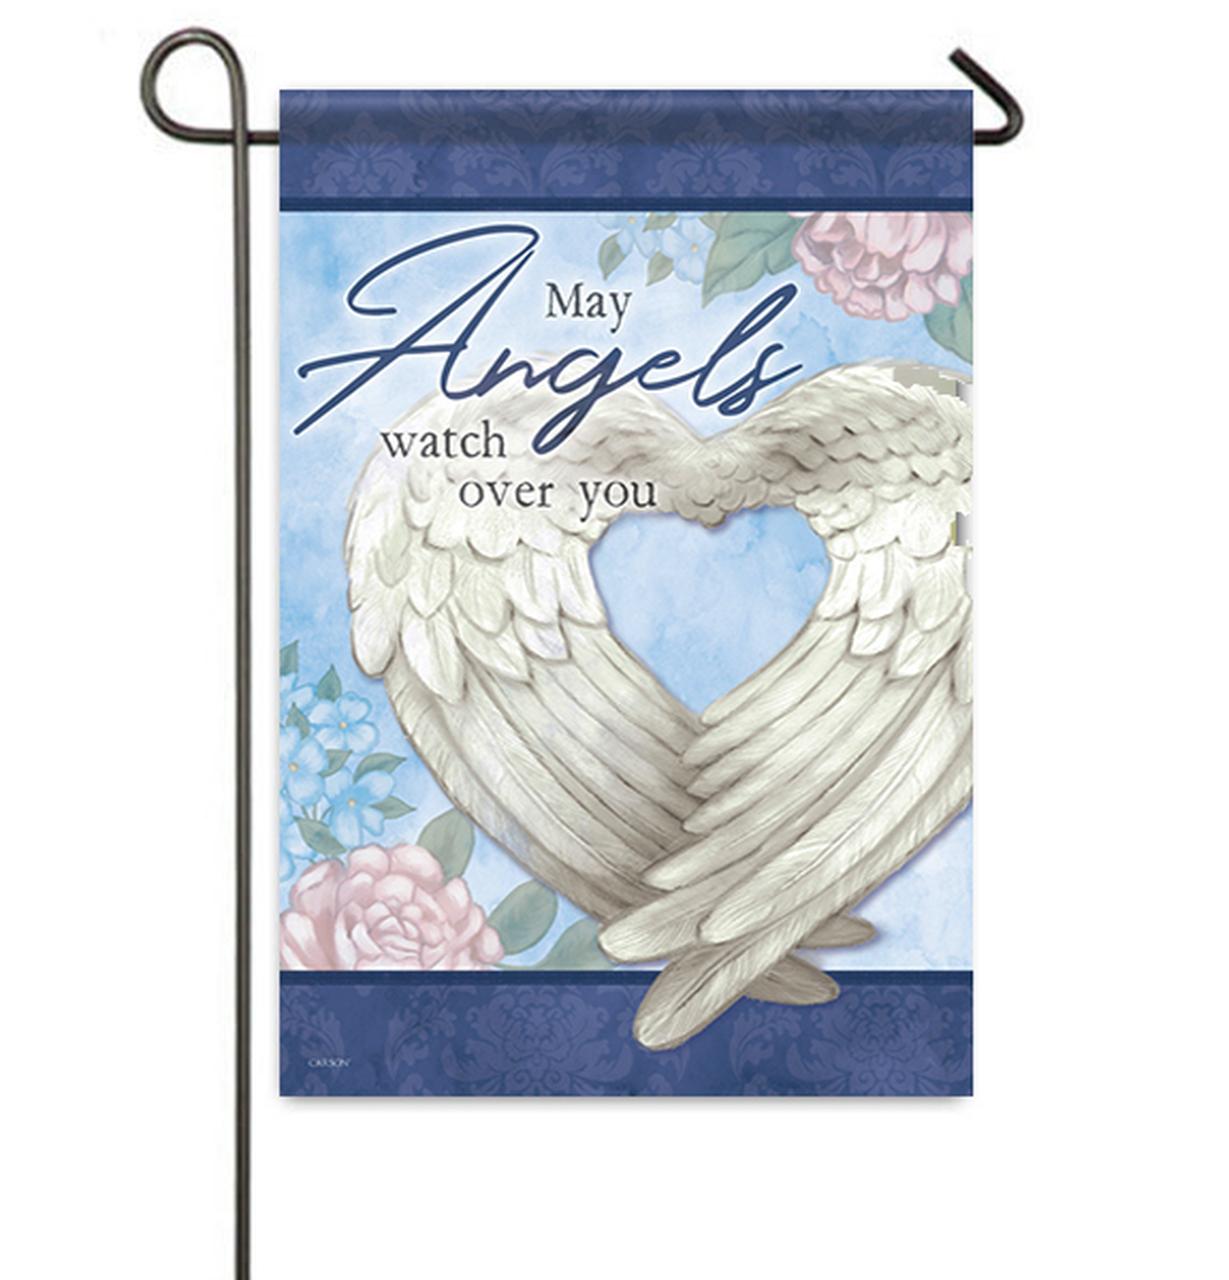 Angels Watch Over You Memorial Garden Flag.